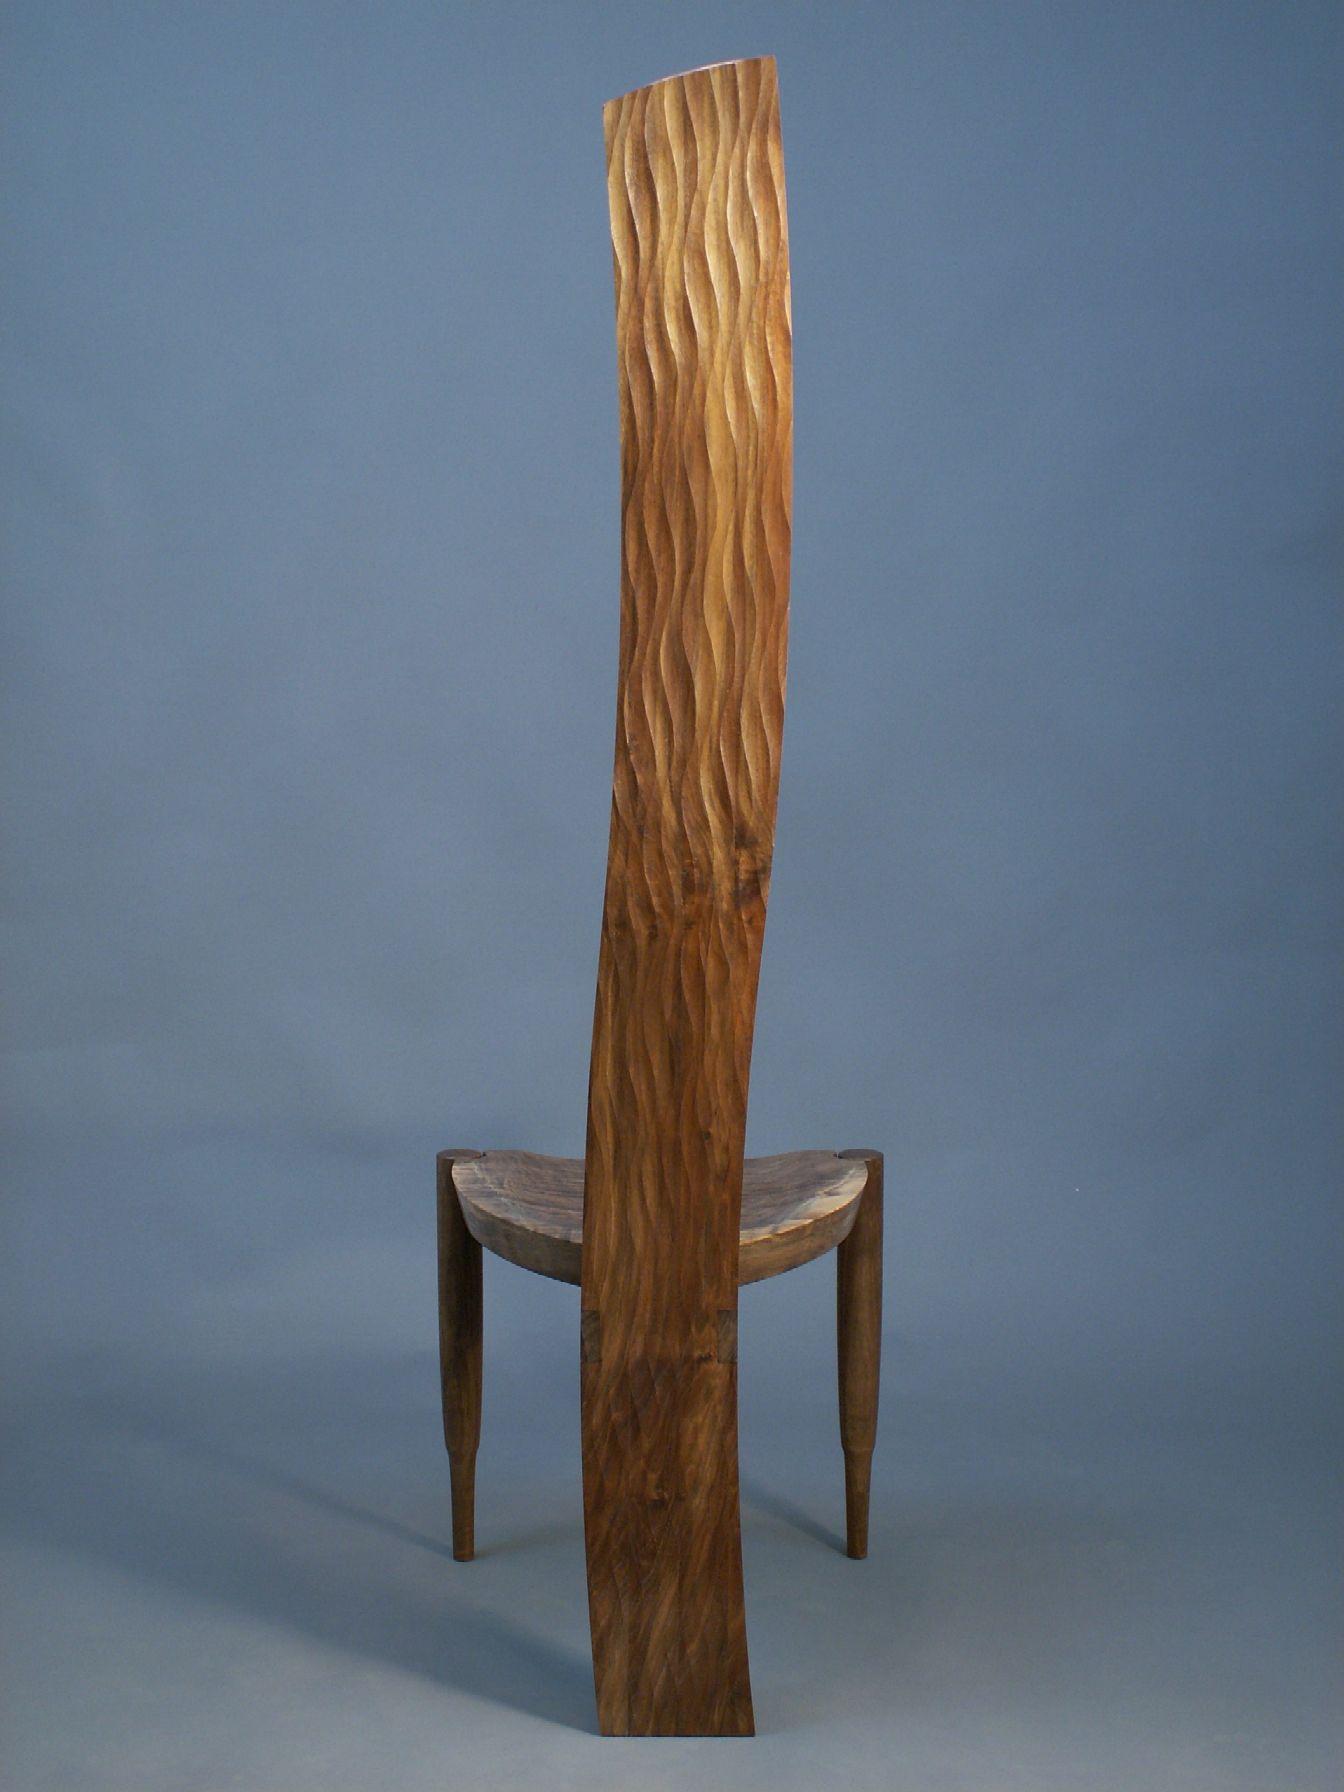 Fallingwater chair